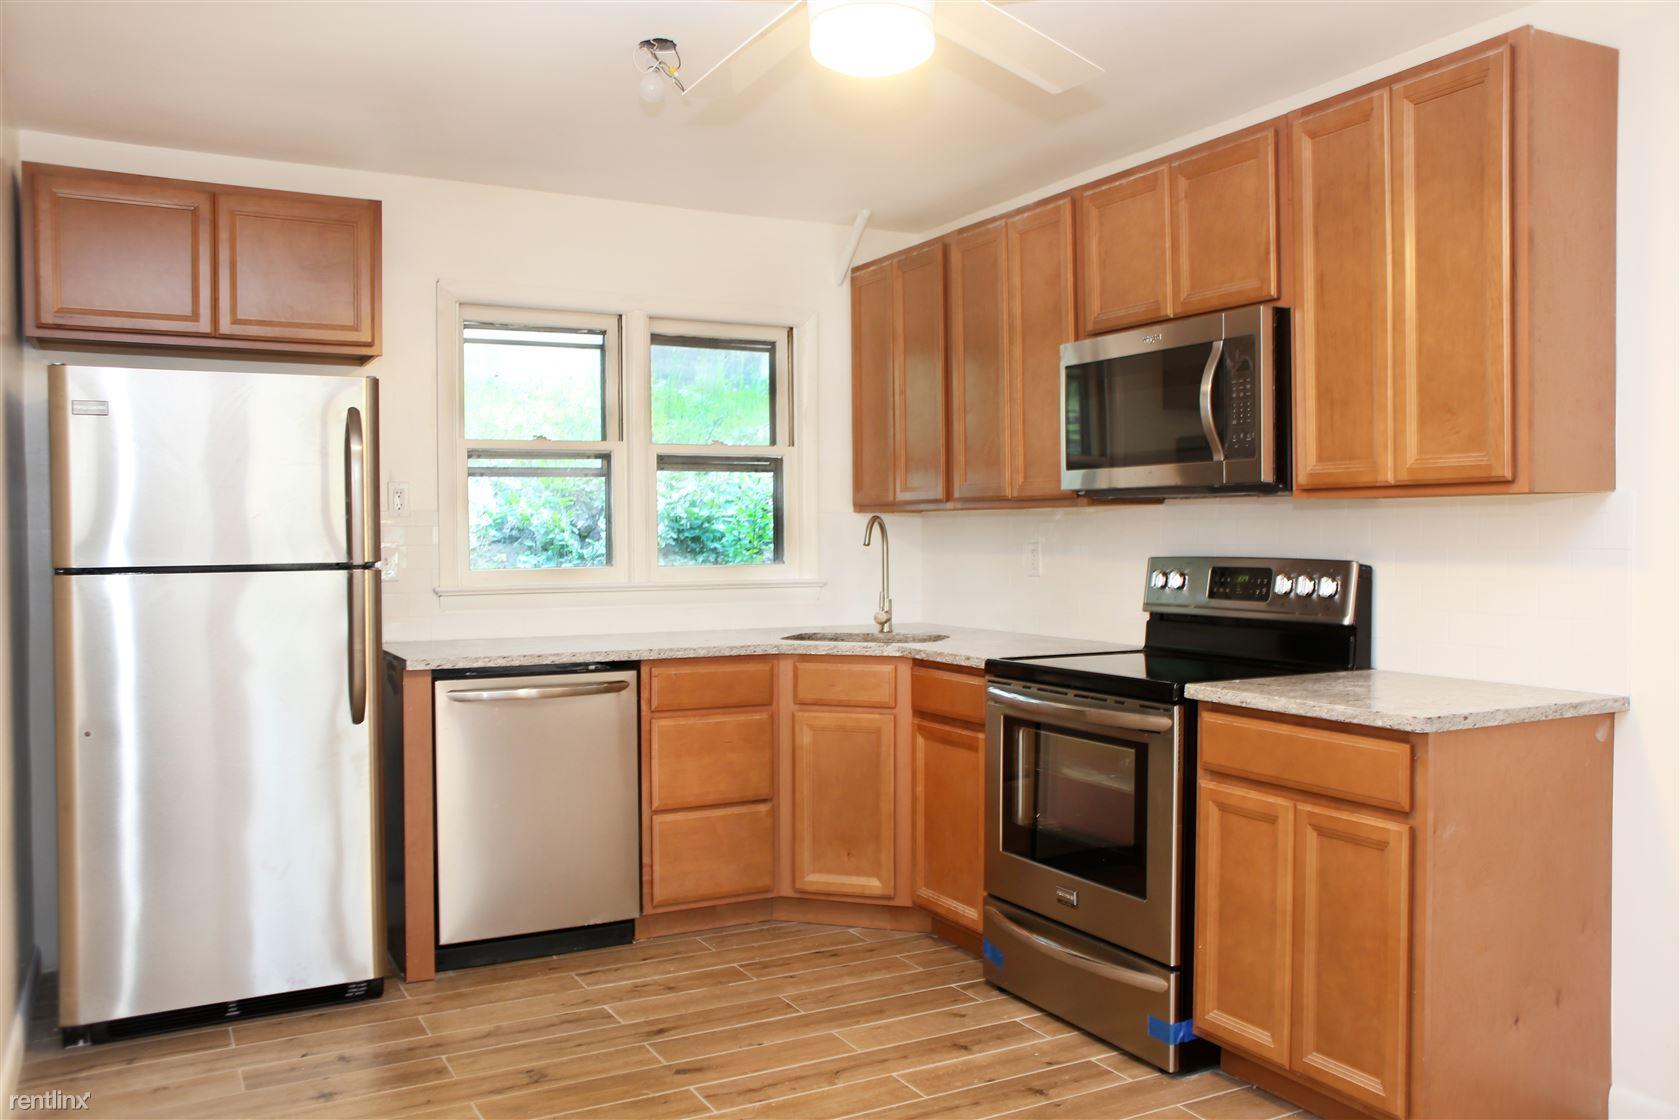 22 Mearns Ave, Highland Falls, NY - $1,650